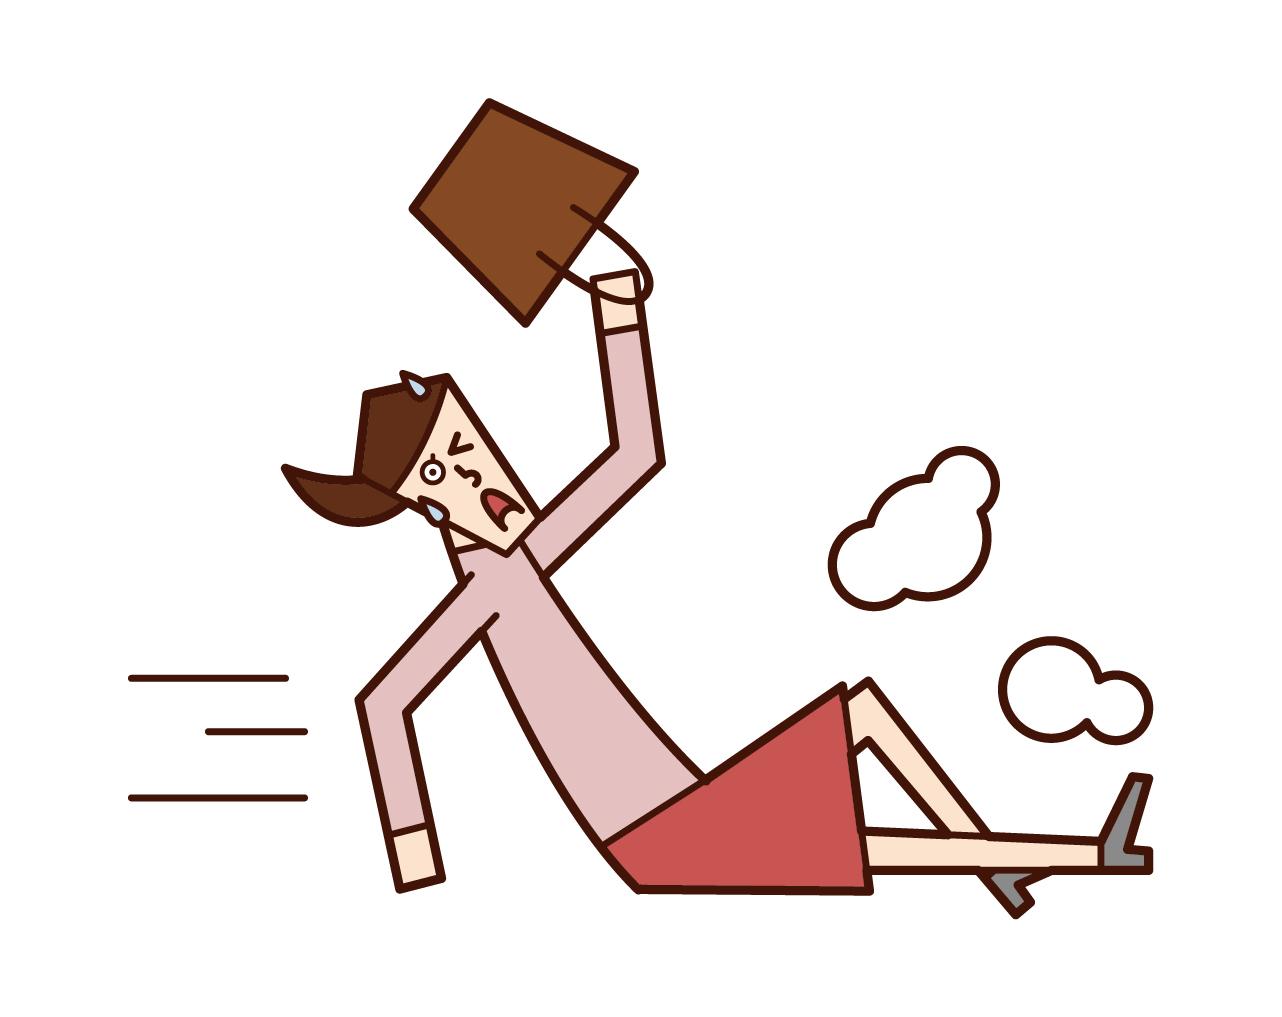 遅刻しそうになって滑り込む人(女性)のイラスト